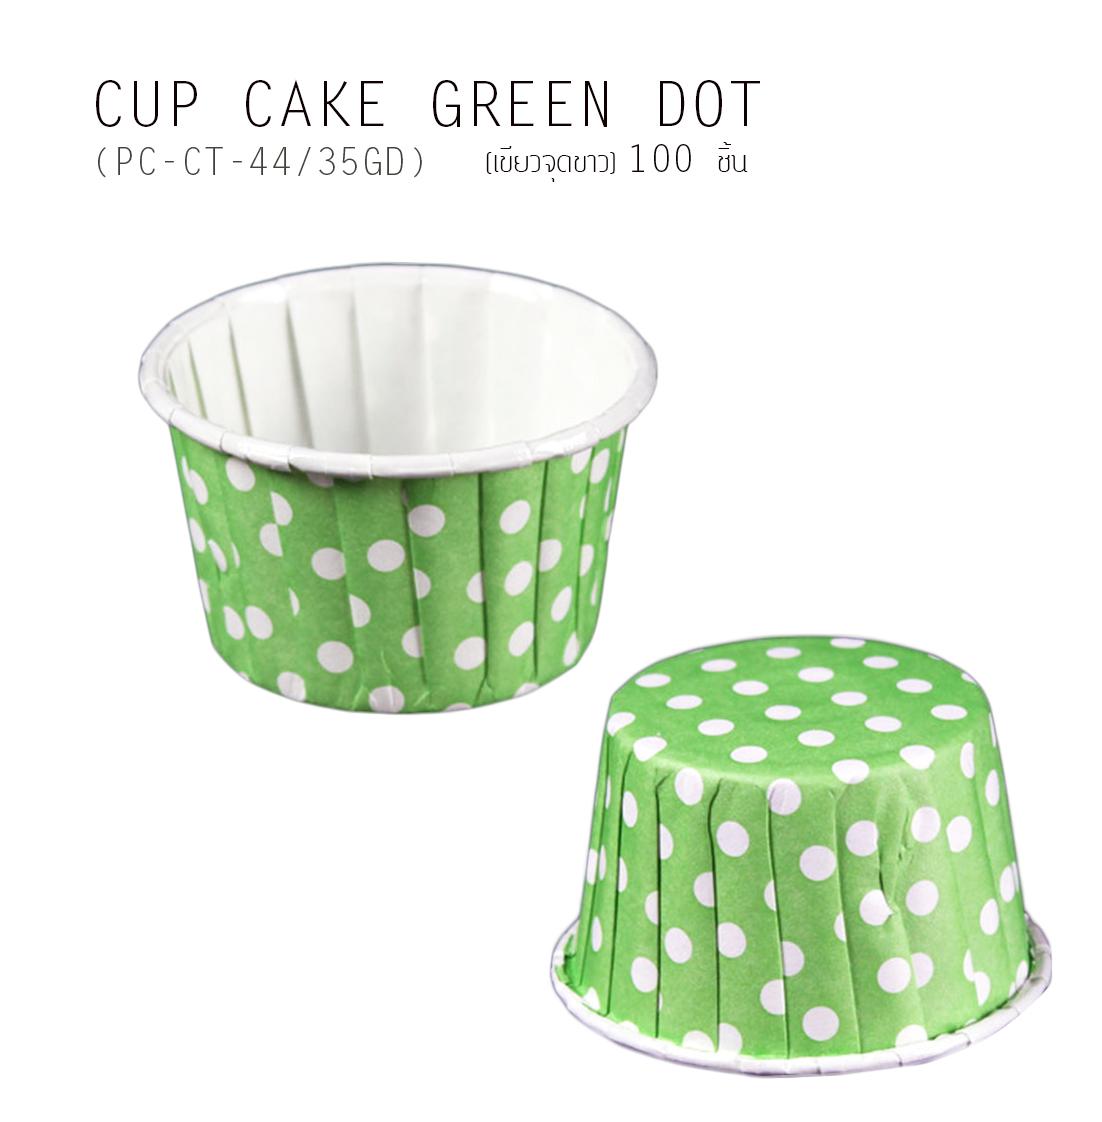 PC-CT-44/35GD CUP CAKE GREEN DOT (เขียวจุดขาว) 100 ชิ้น